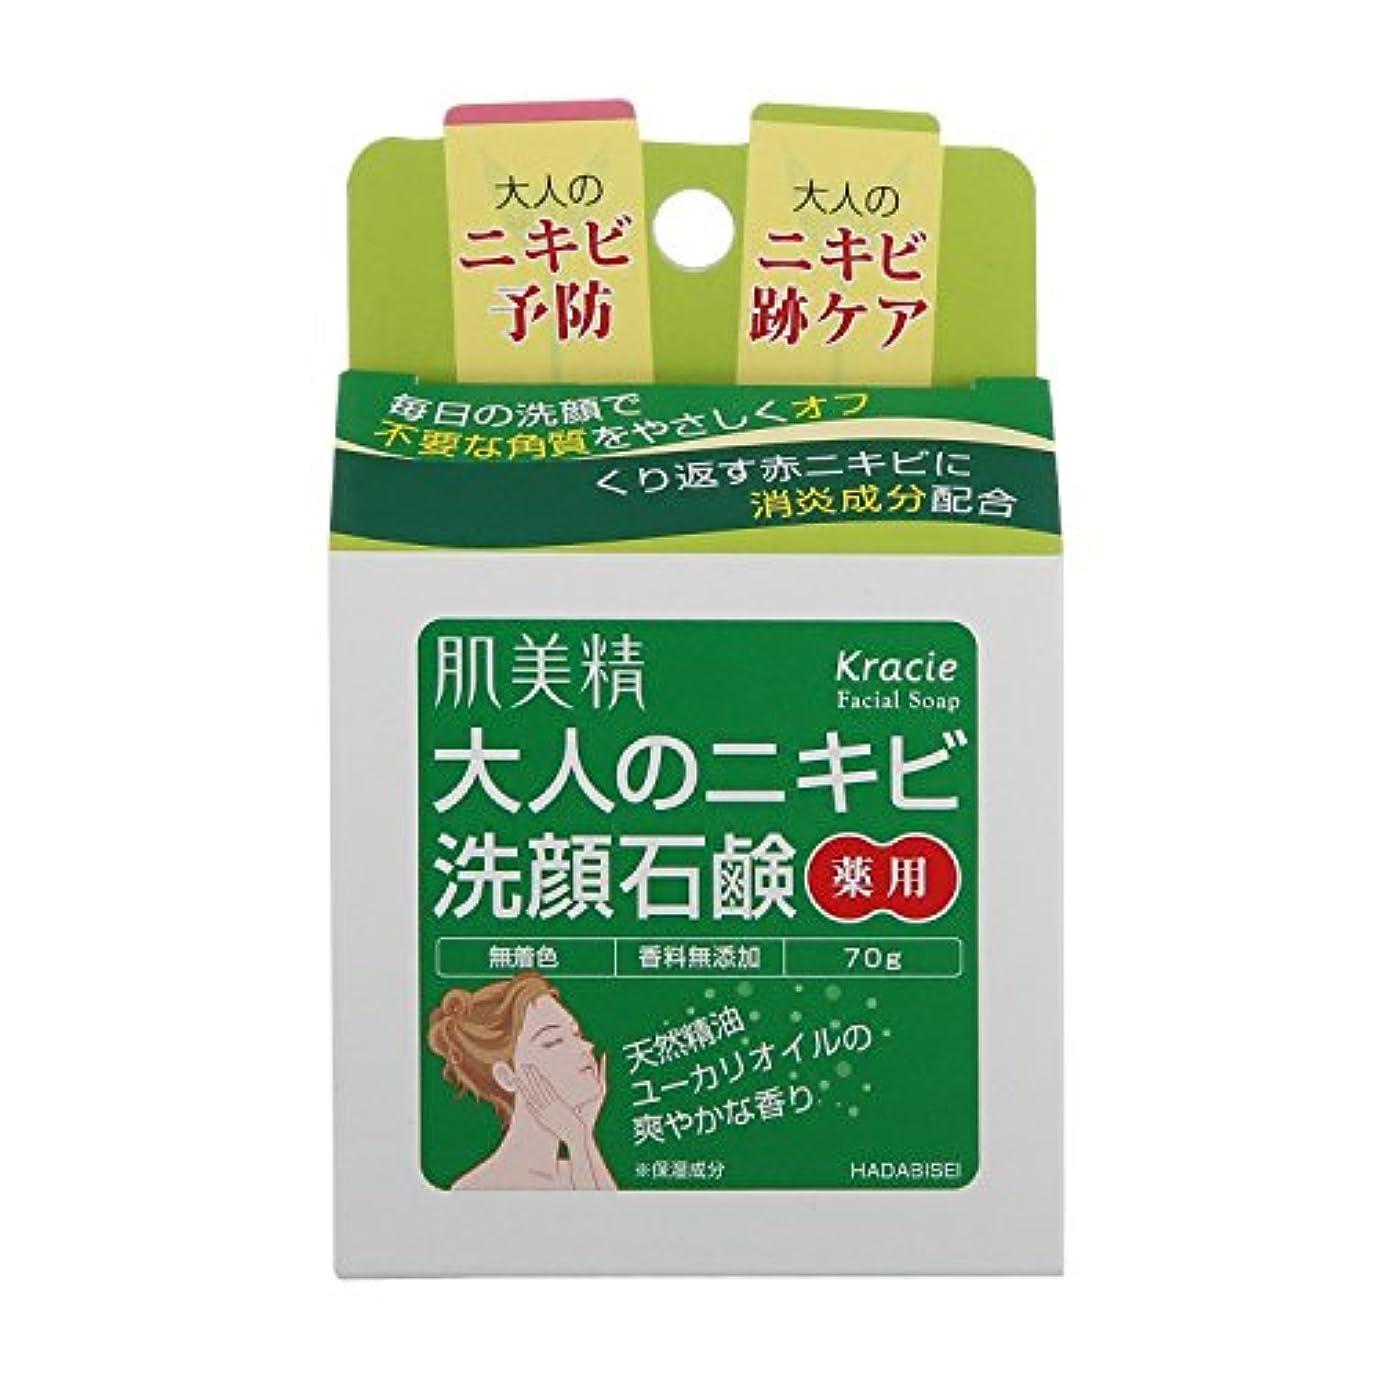 ヘッドレスセイはさておき火山肌美精 大人のニキビ 薬用洗顔石鹸 70g ×6点セット